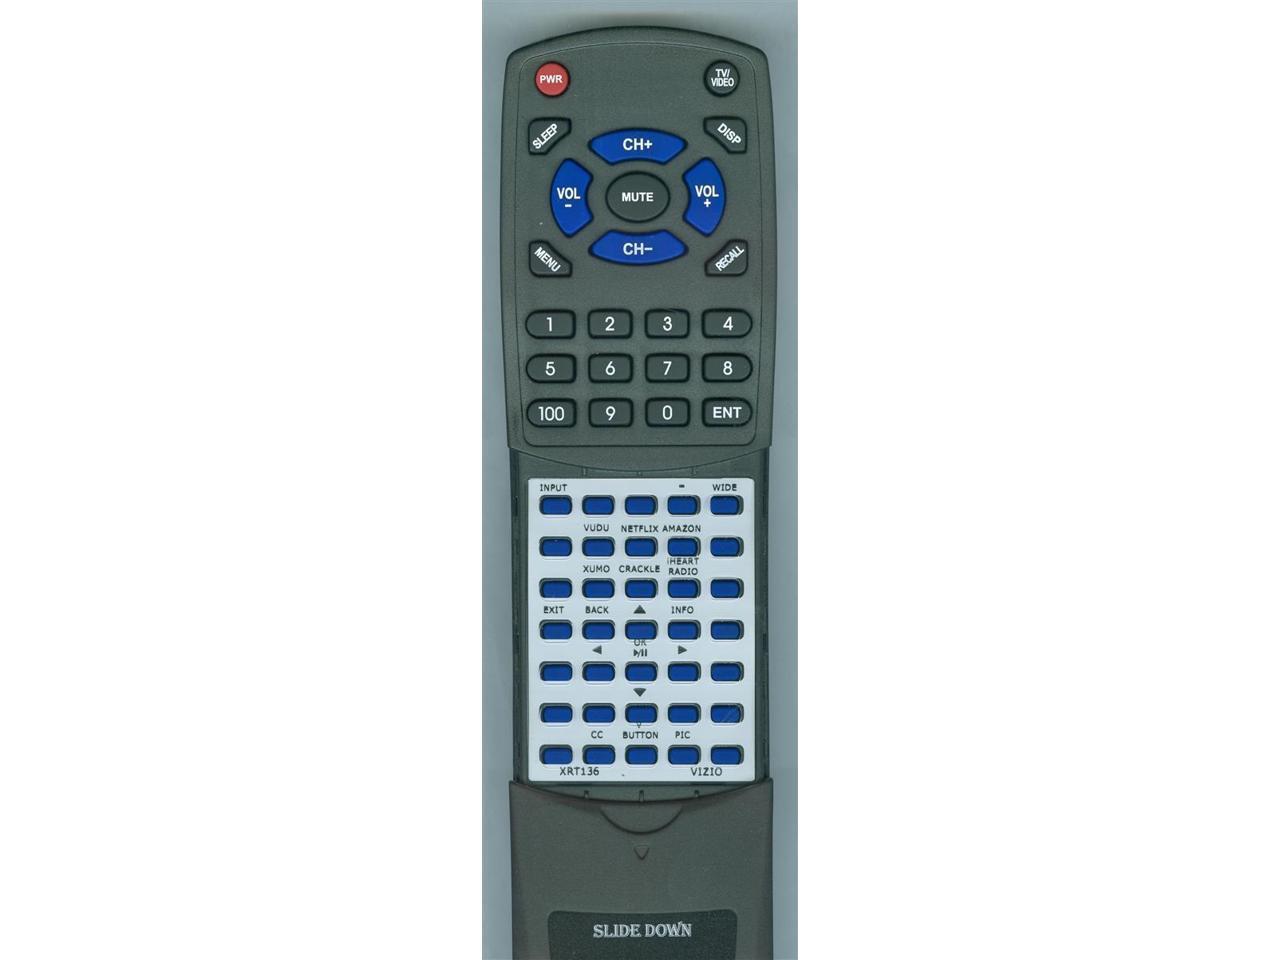 Vizio 0980-0306-1022 Remote Control